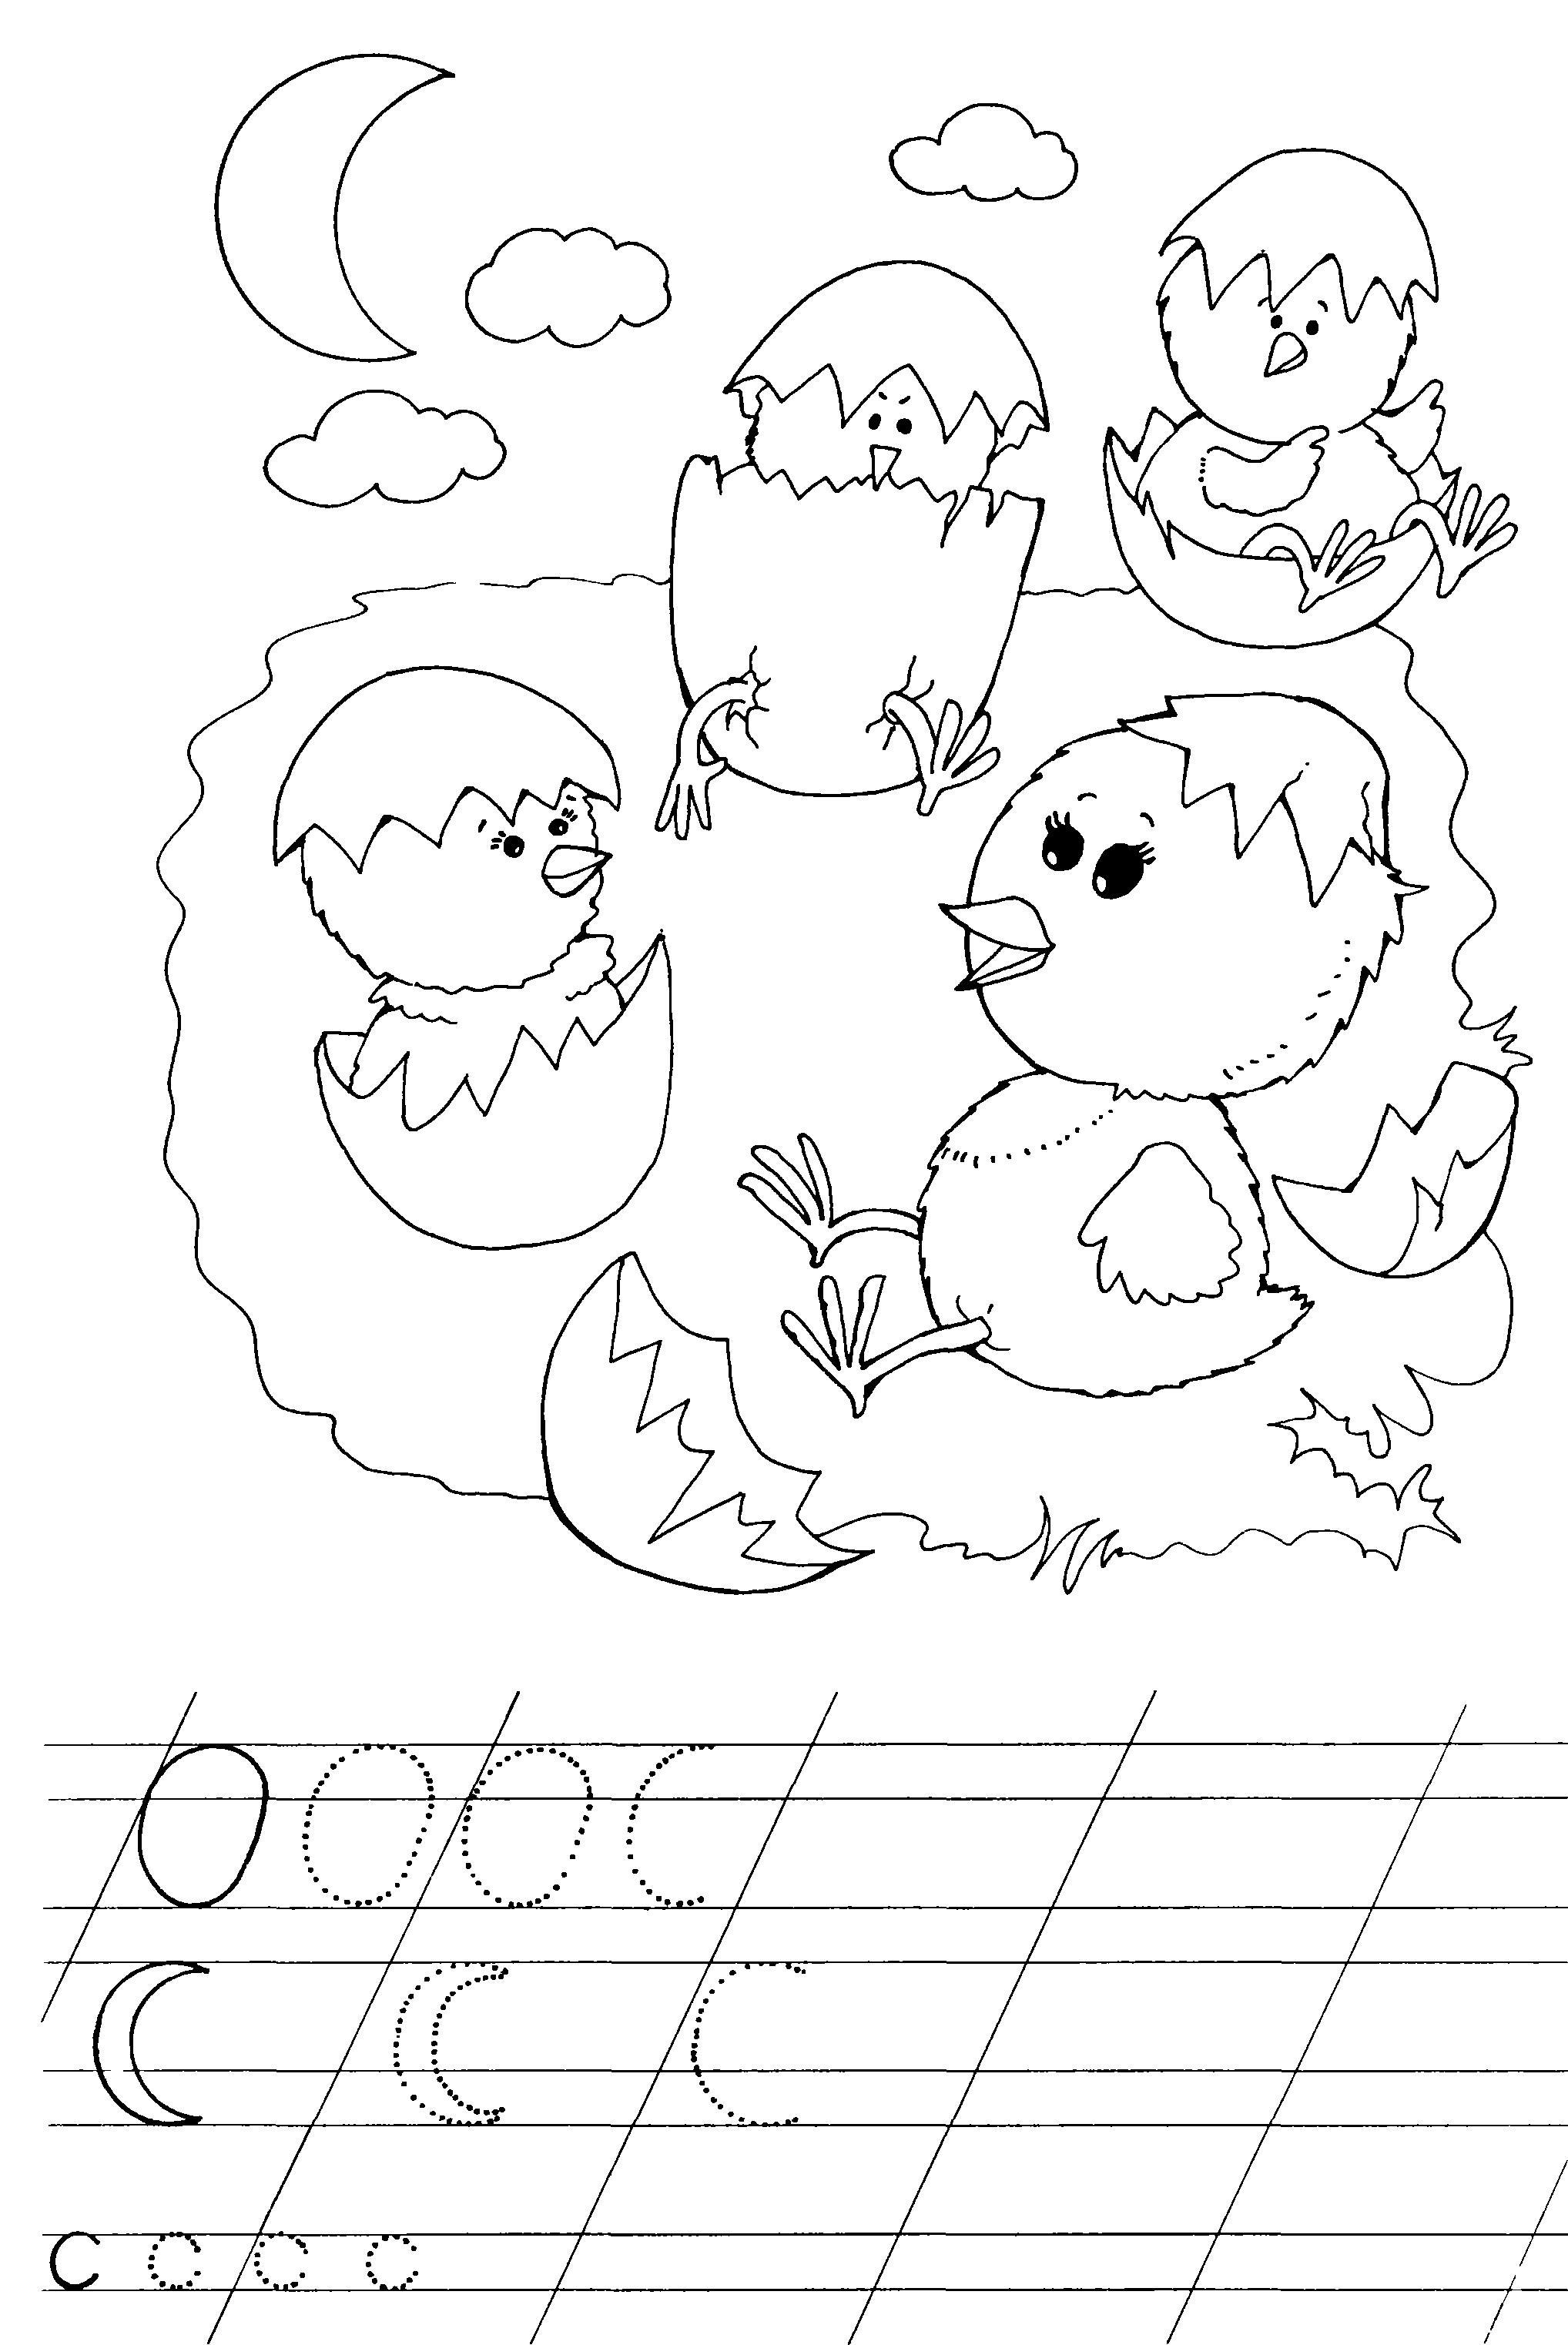 Прописи для дошкольников, цыплята в яичках